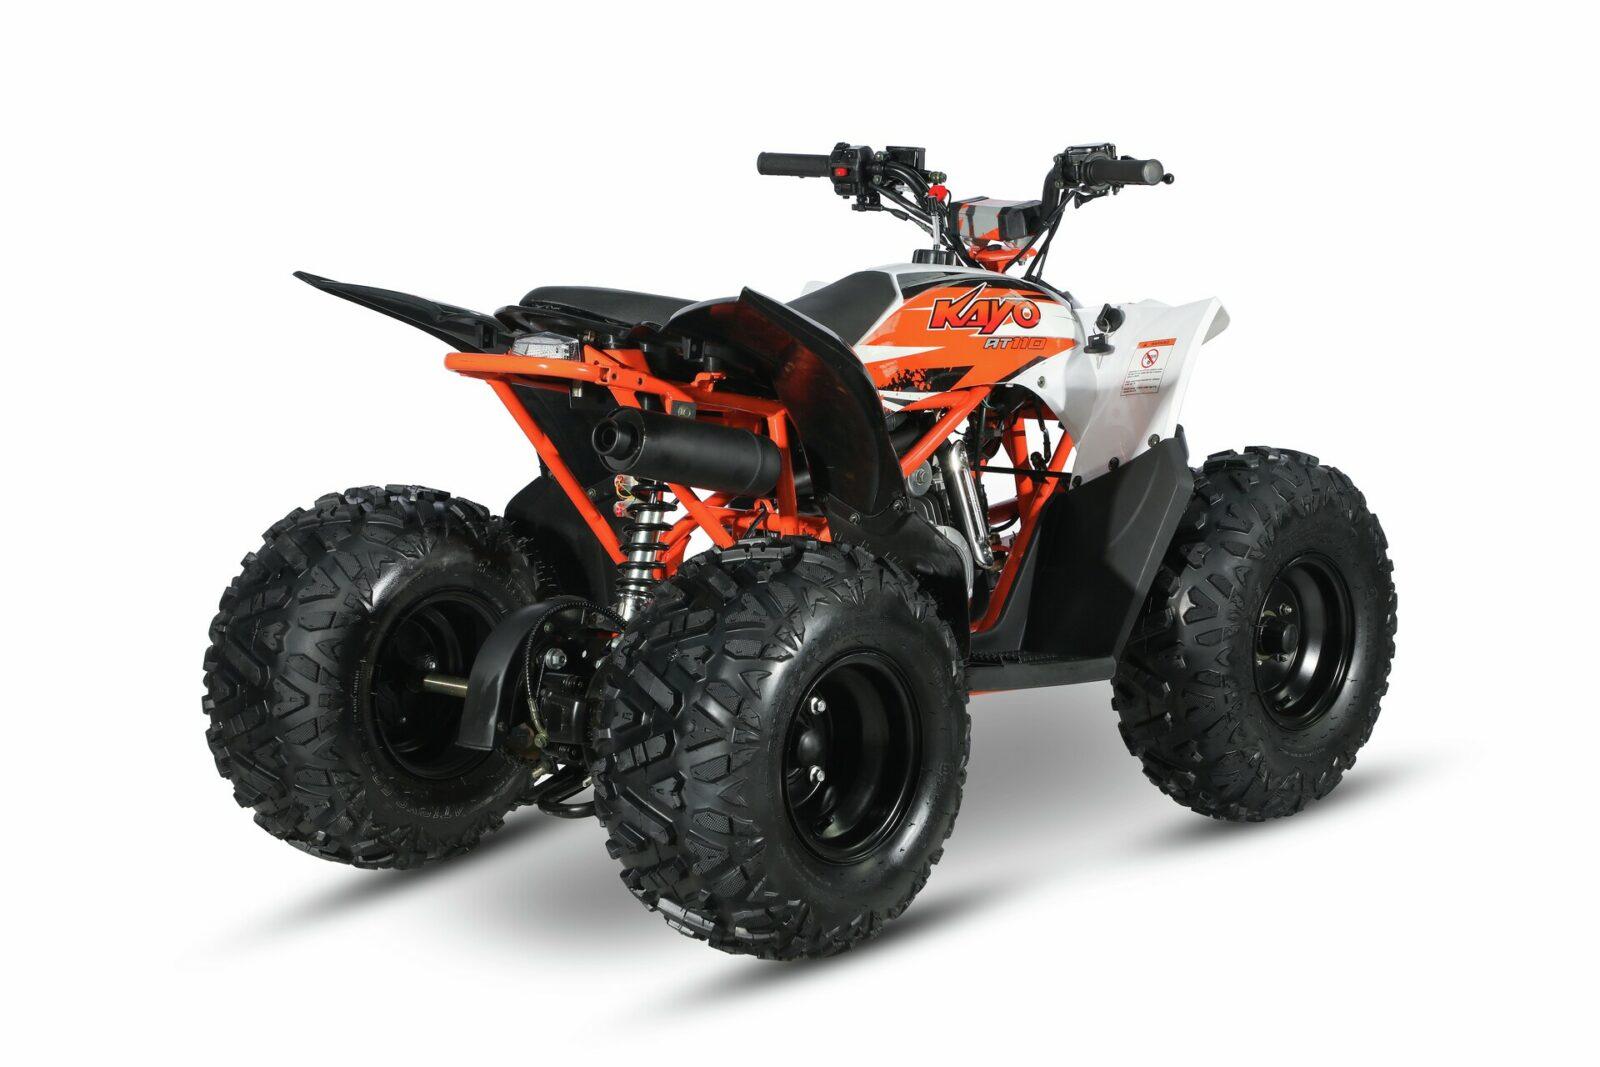 KAYO AT110 ATV 01924 1920